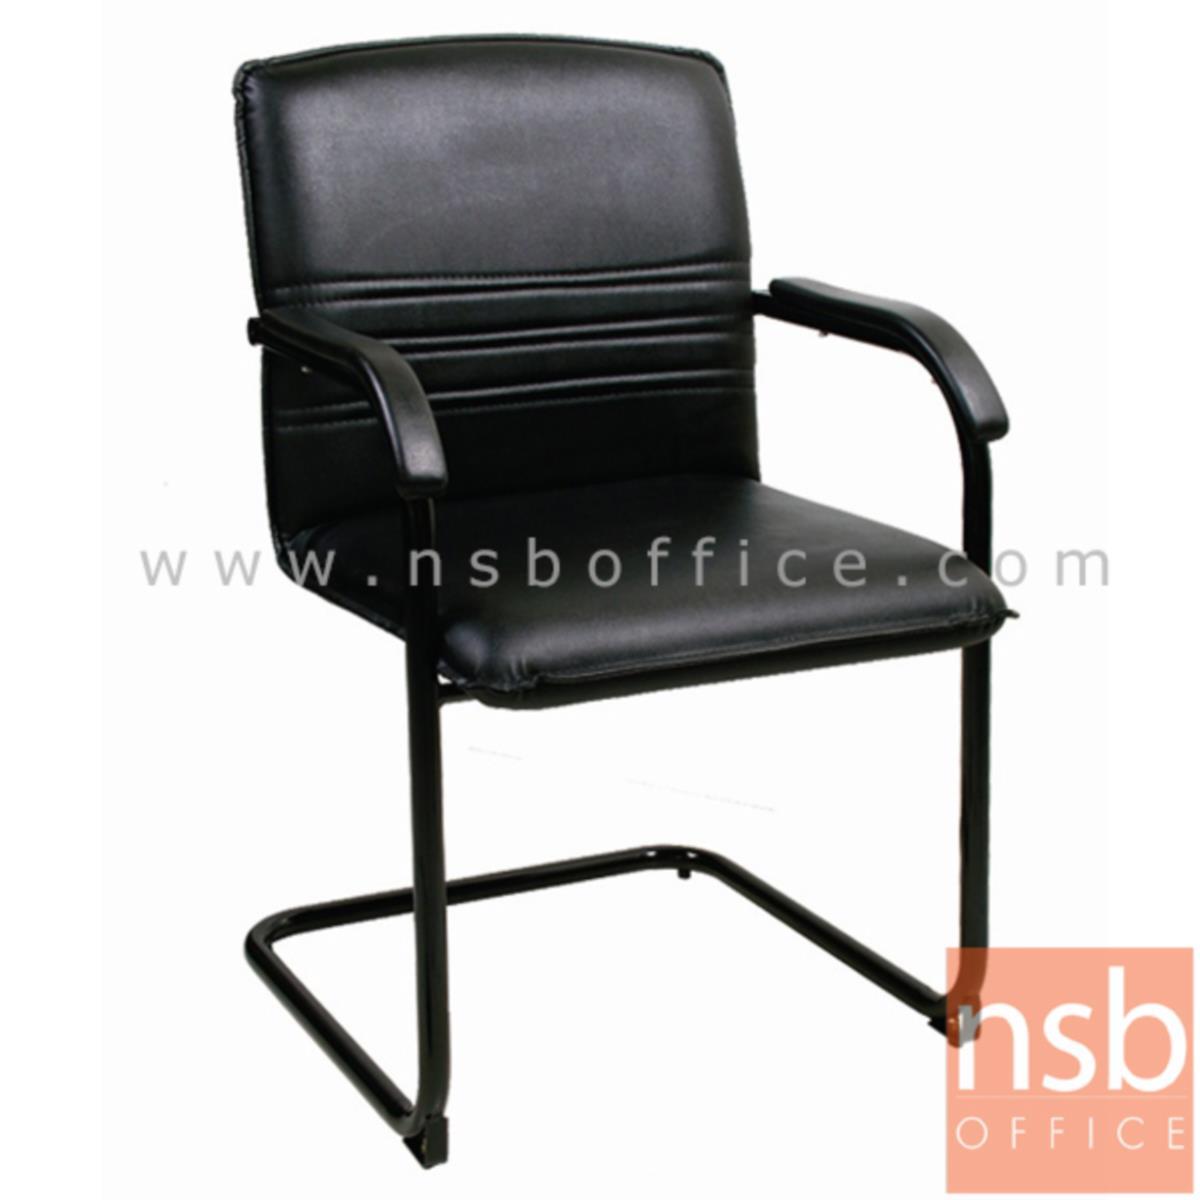 B04A029:เก้าอี้รับแขกขาตัวซี รุ่น Fermi (แฟร์มี)  ขาเหล็กพ่นดำ